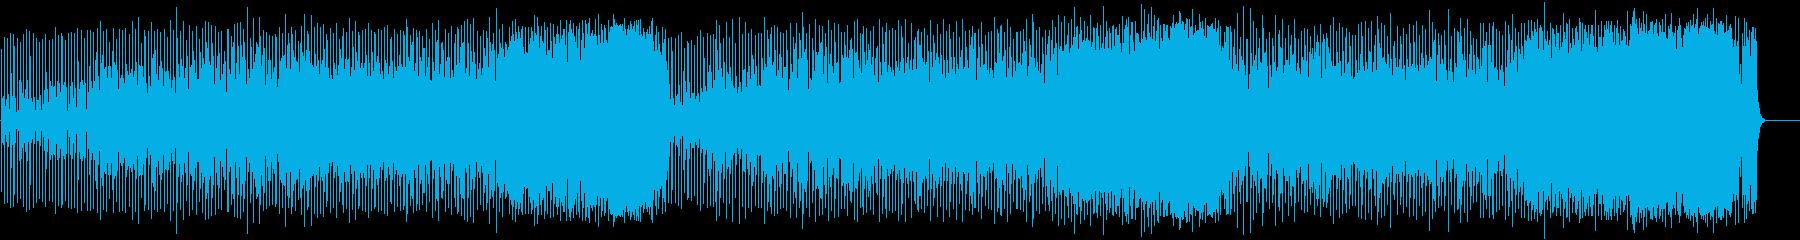 ダンサブルなポップ(フルサイズ)の再生済みの波形